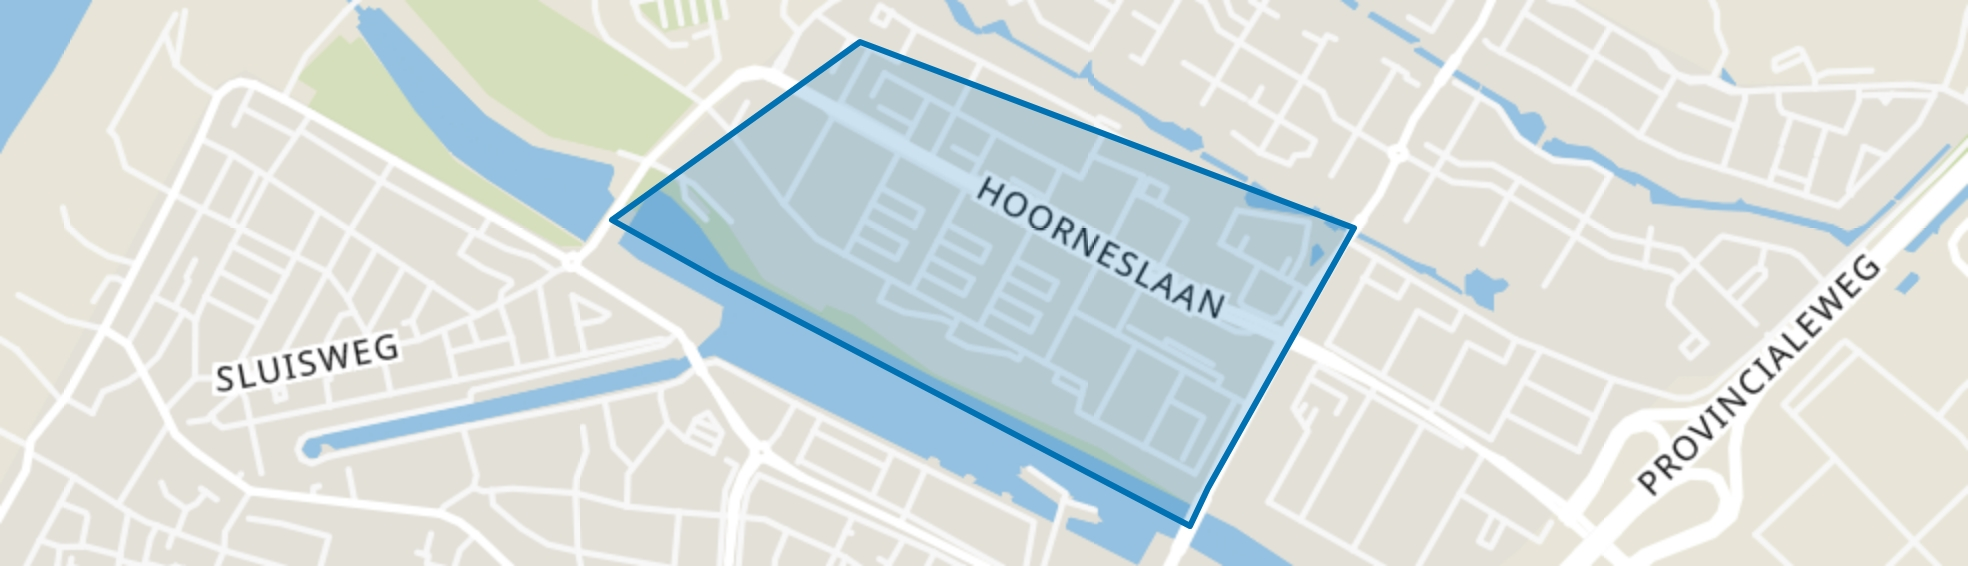 Hoornes-West, Katwijk (ZH) map